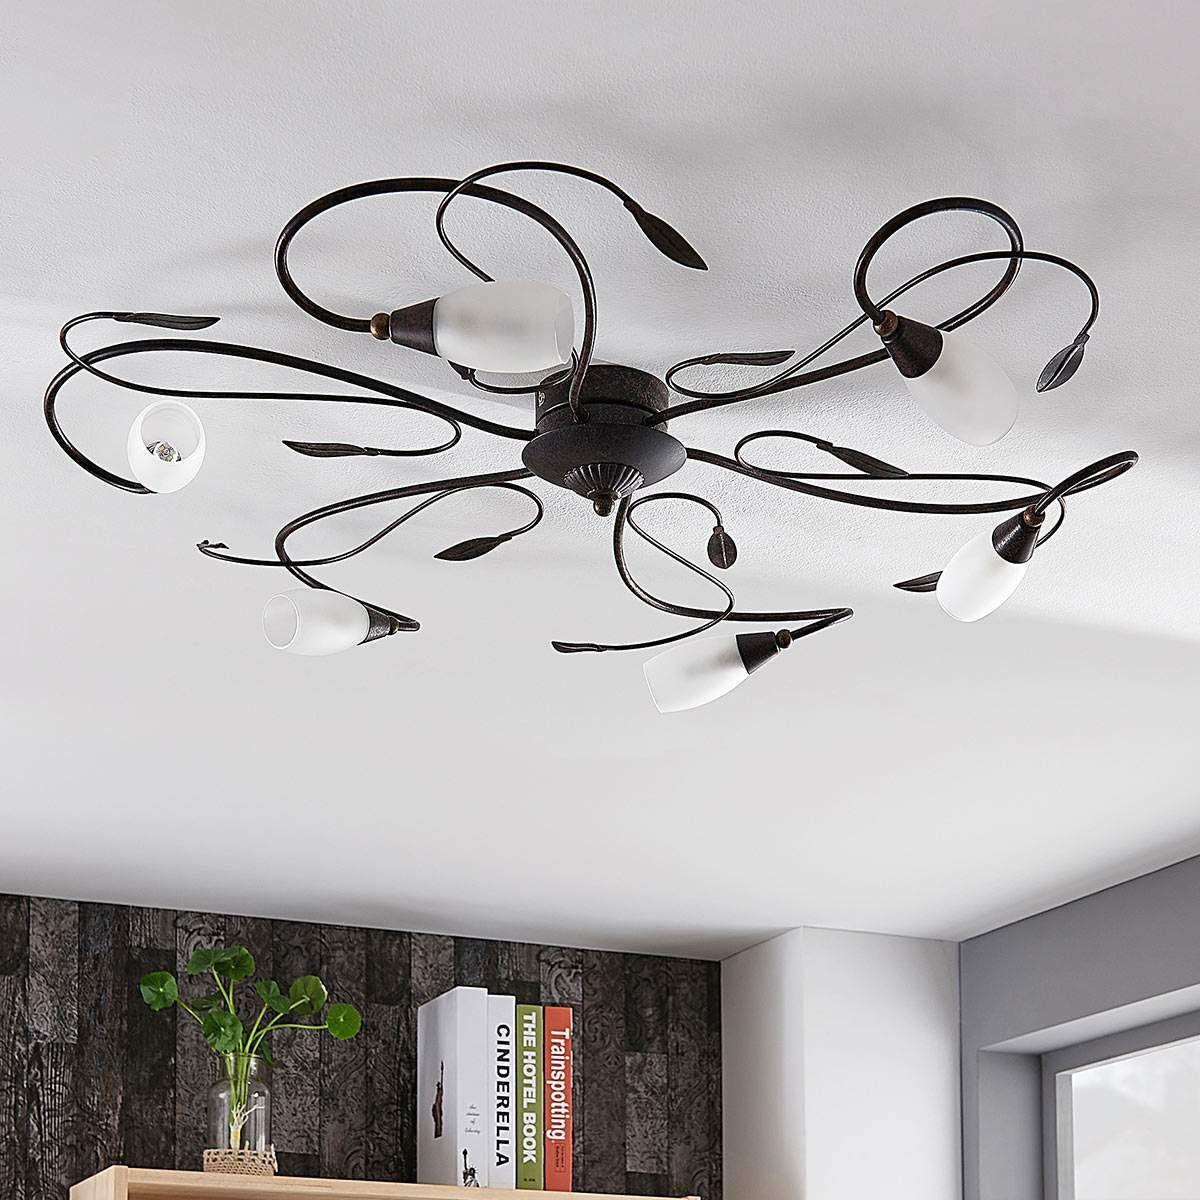 LED Deckenleuchte Stefania Sechsflammig Lampenwelt Deckenleuchte Antik Wohnraum